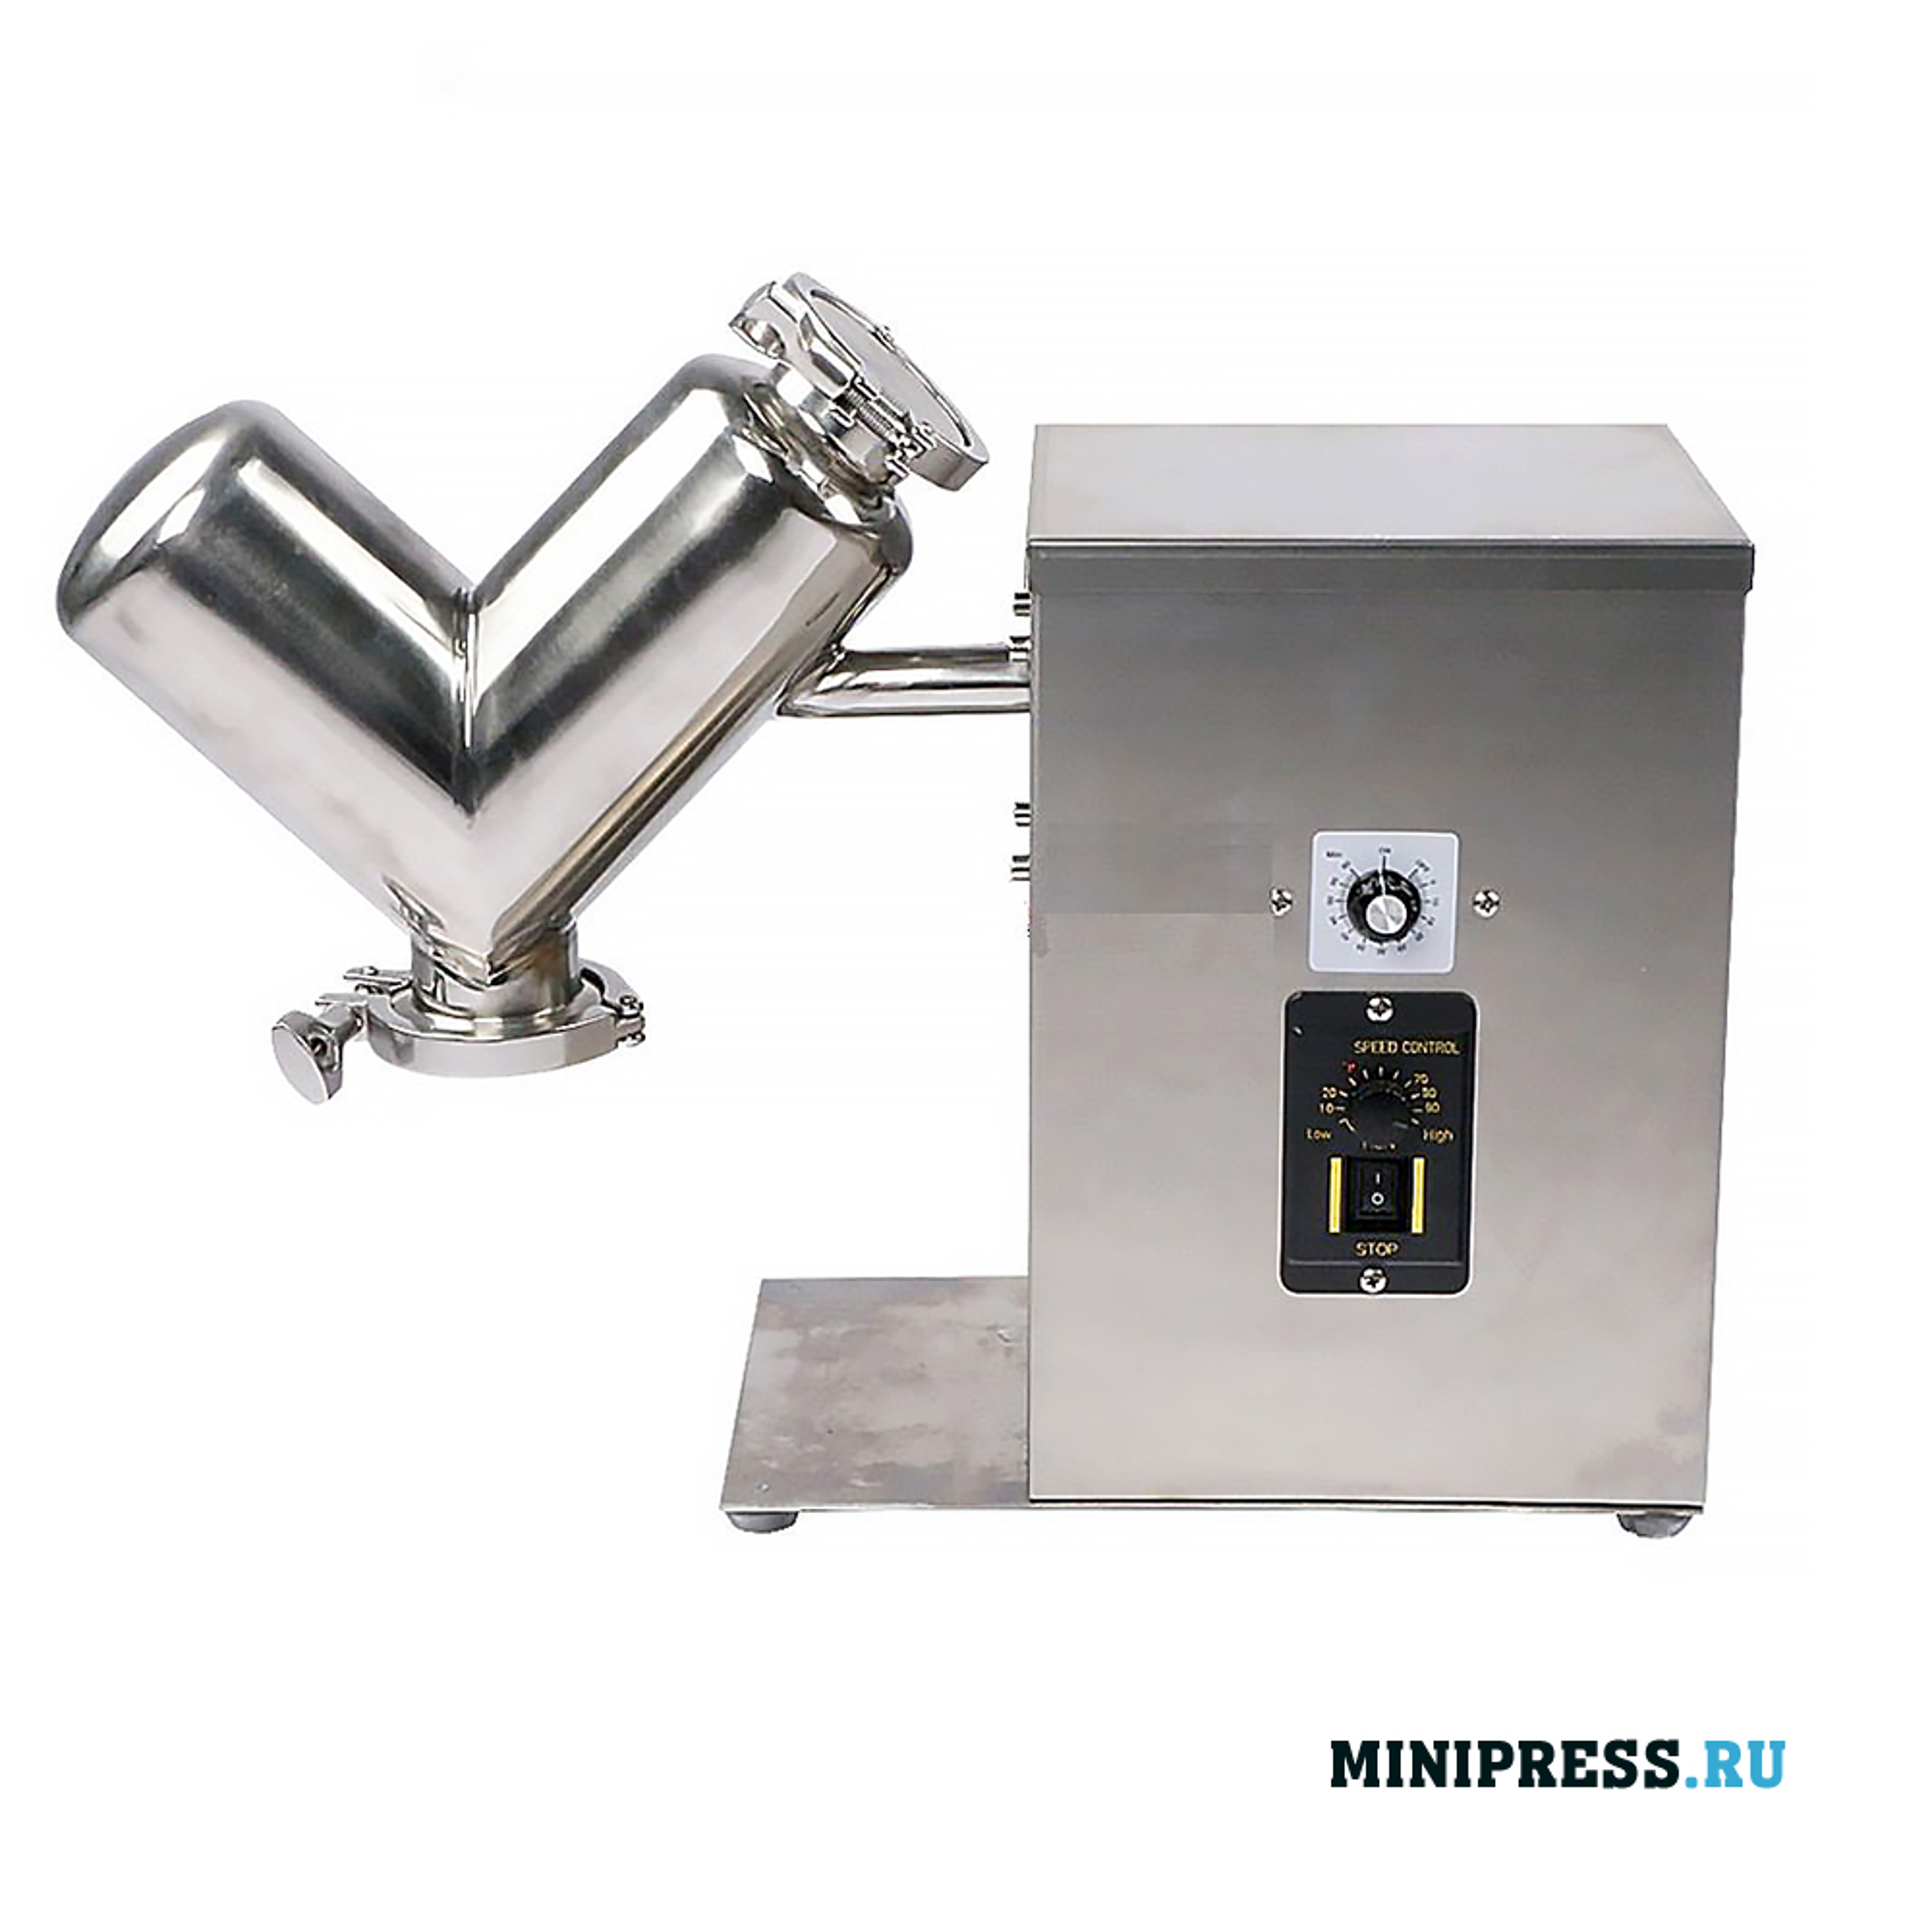 Оборудование для смешивания фармацевтического, химического и пищевого сырья